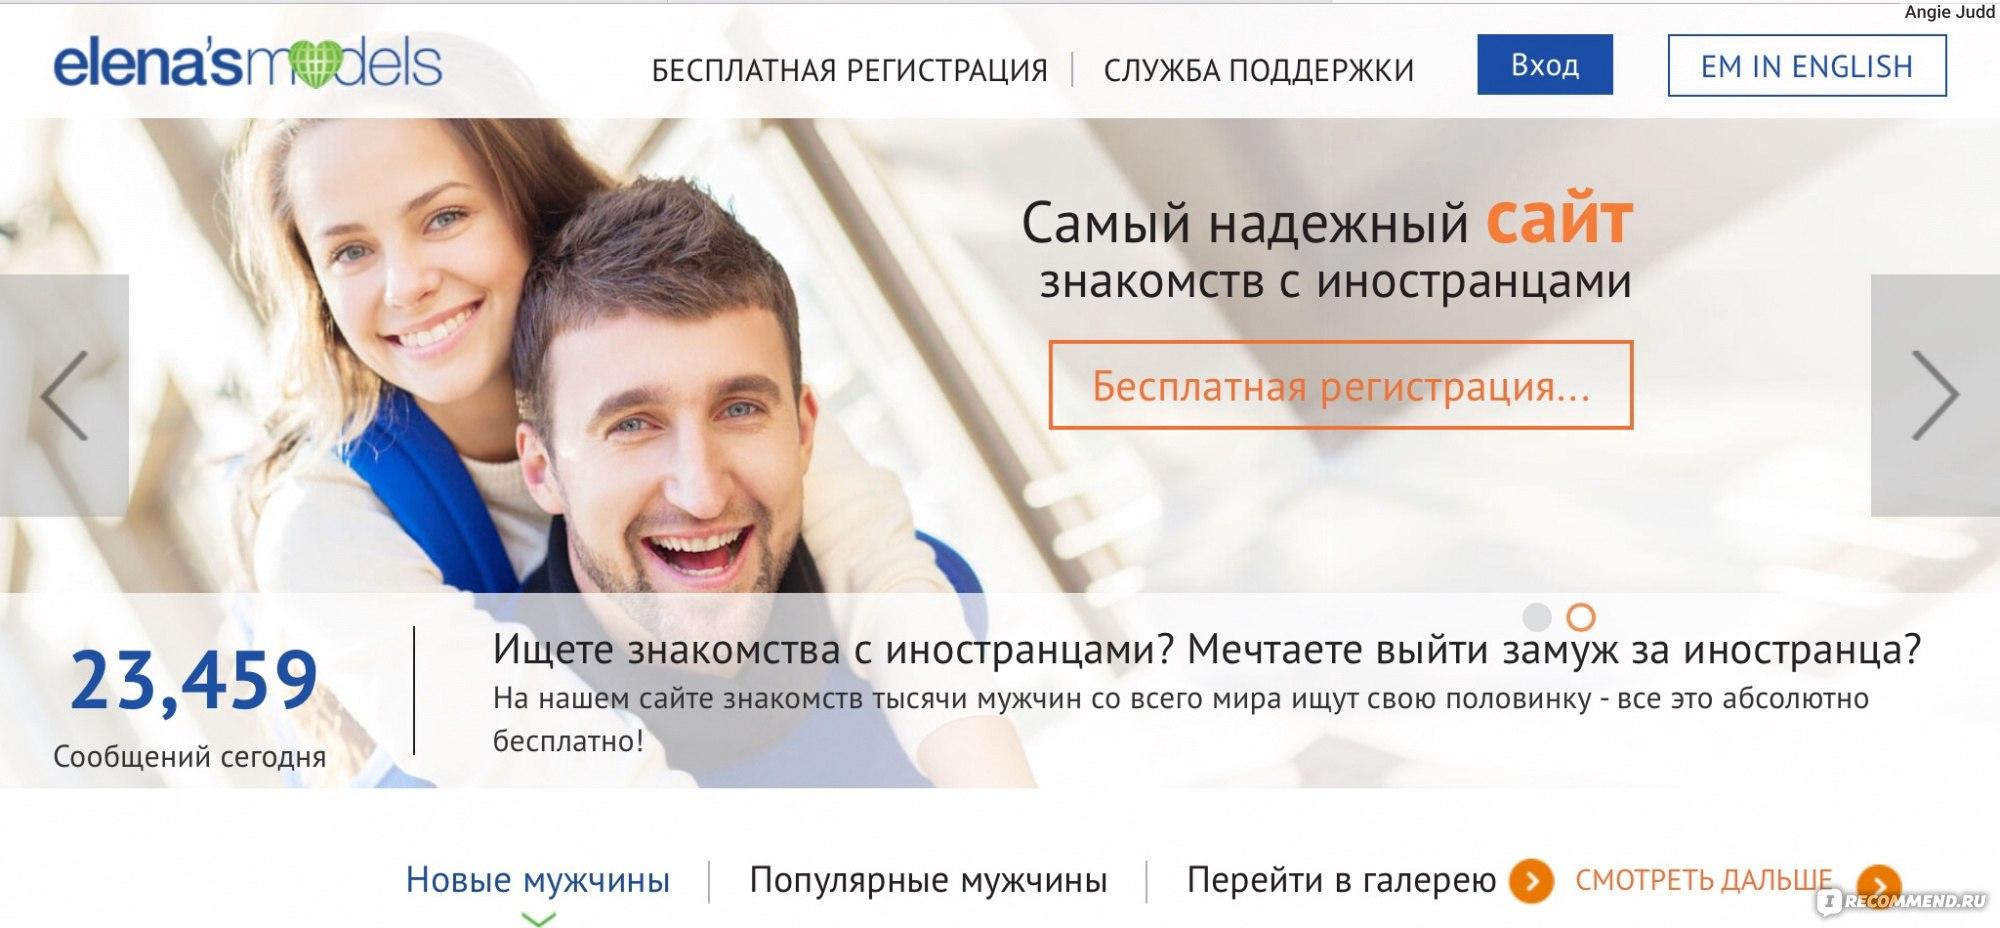 Знакомств надёжный иностранцами сайт с